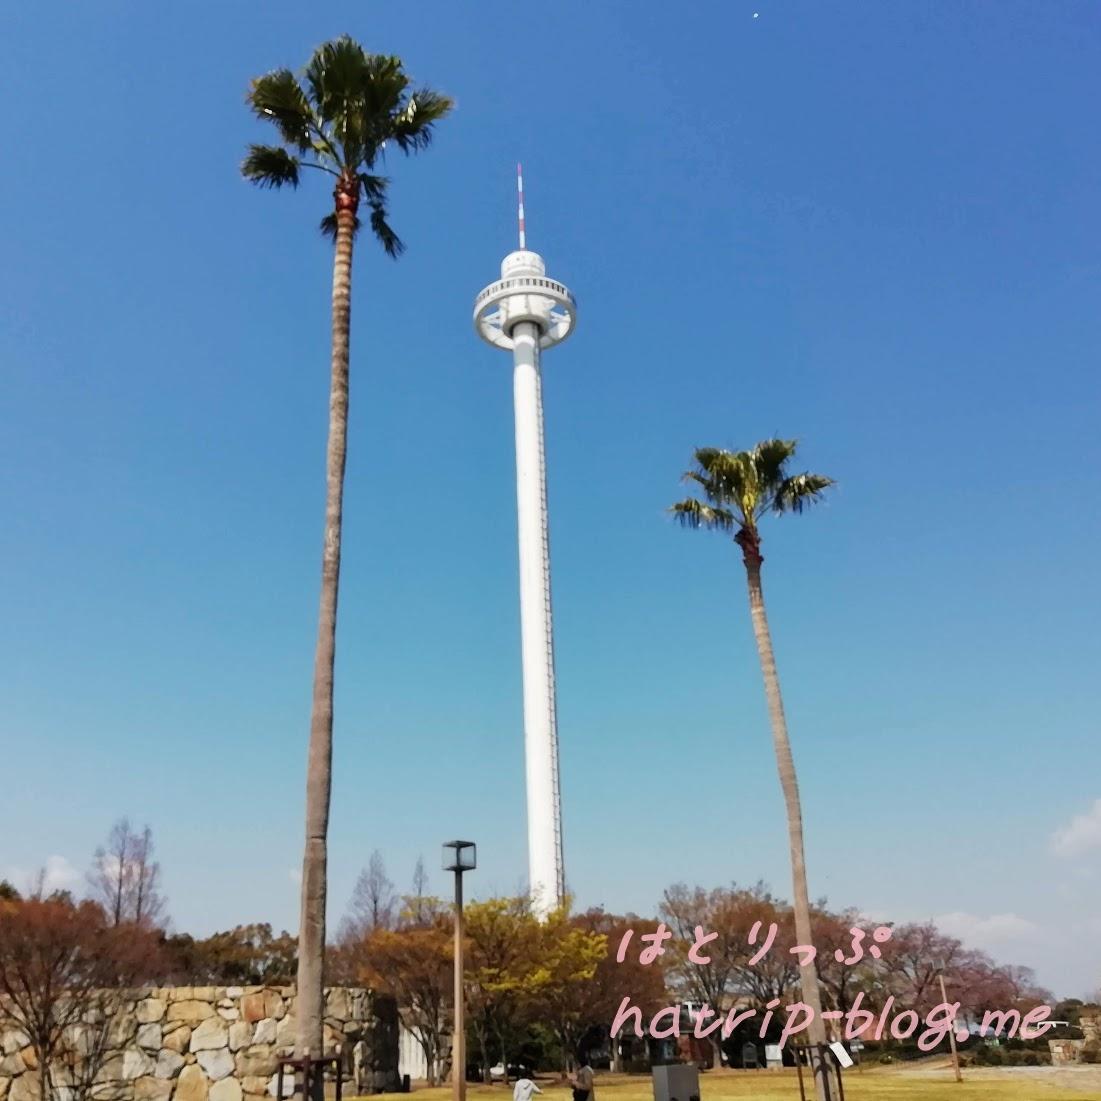 道の駅 瀬戸大橋記念公園 瀬戸大橋タワー 回転式展望台